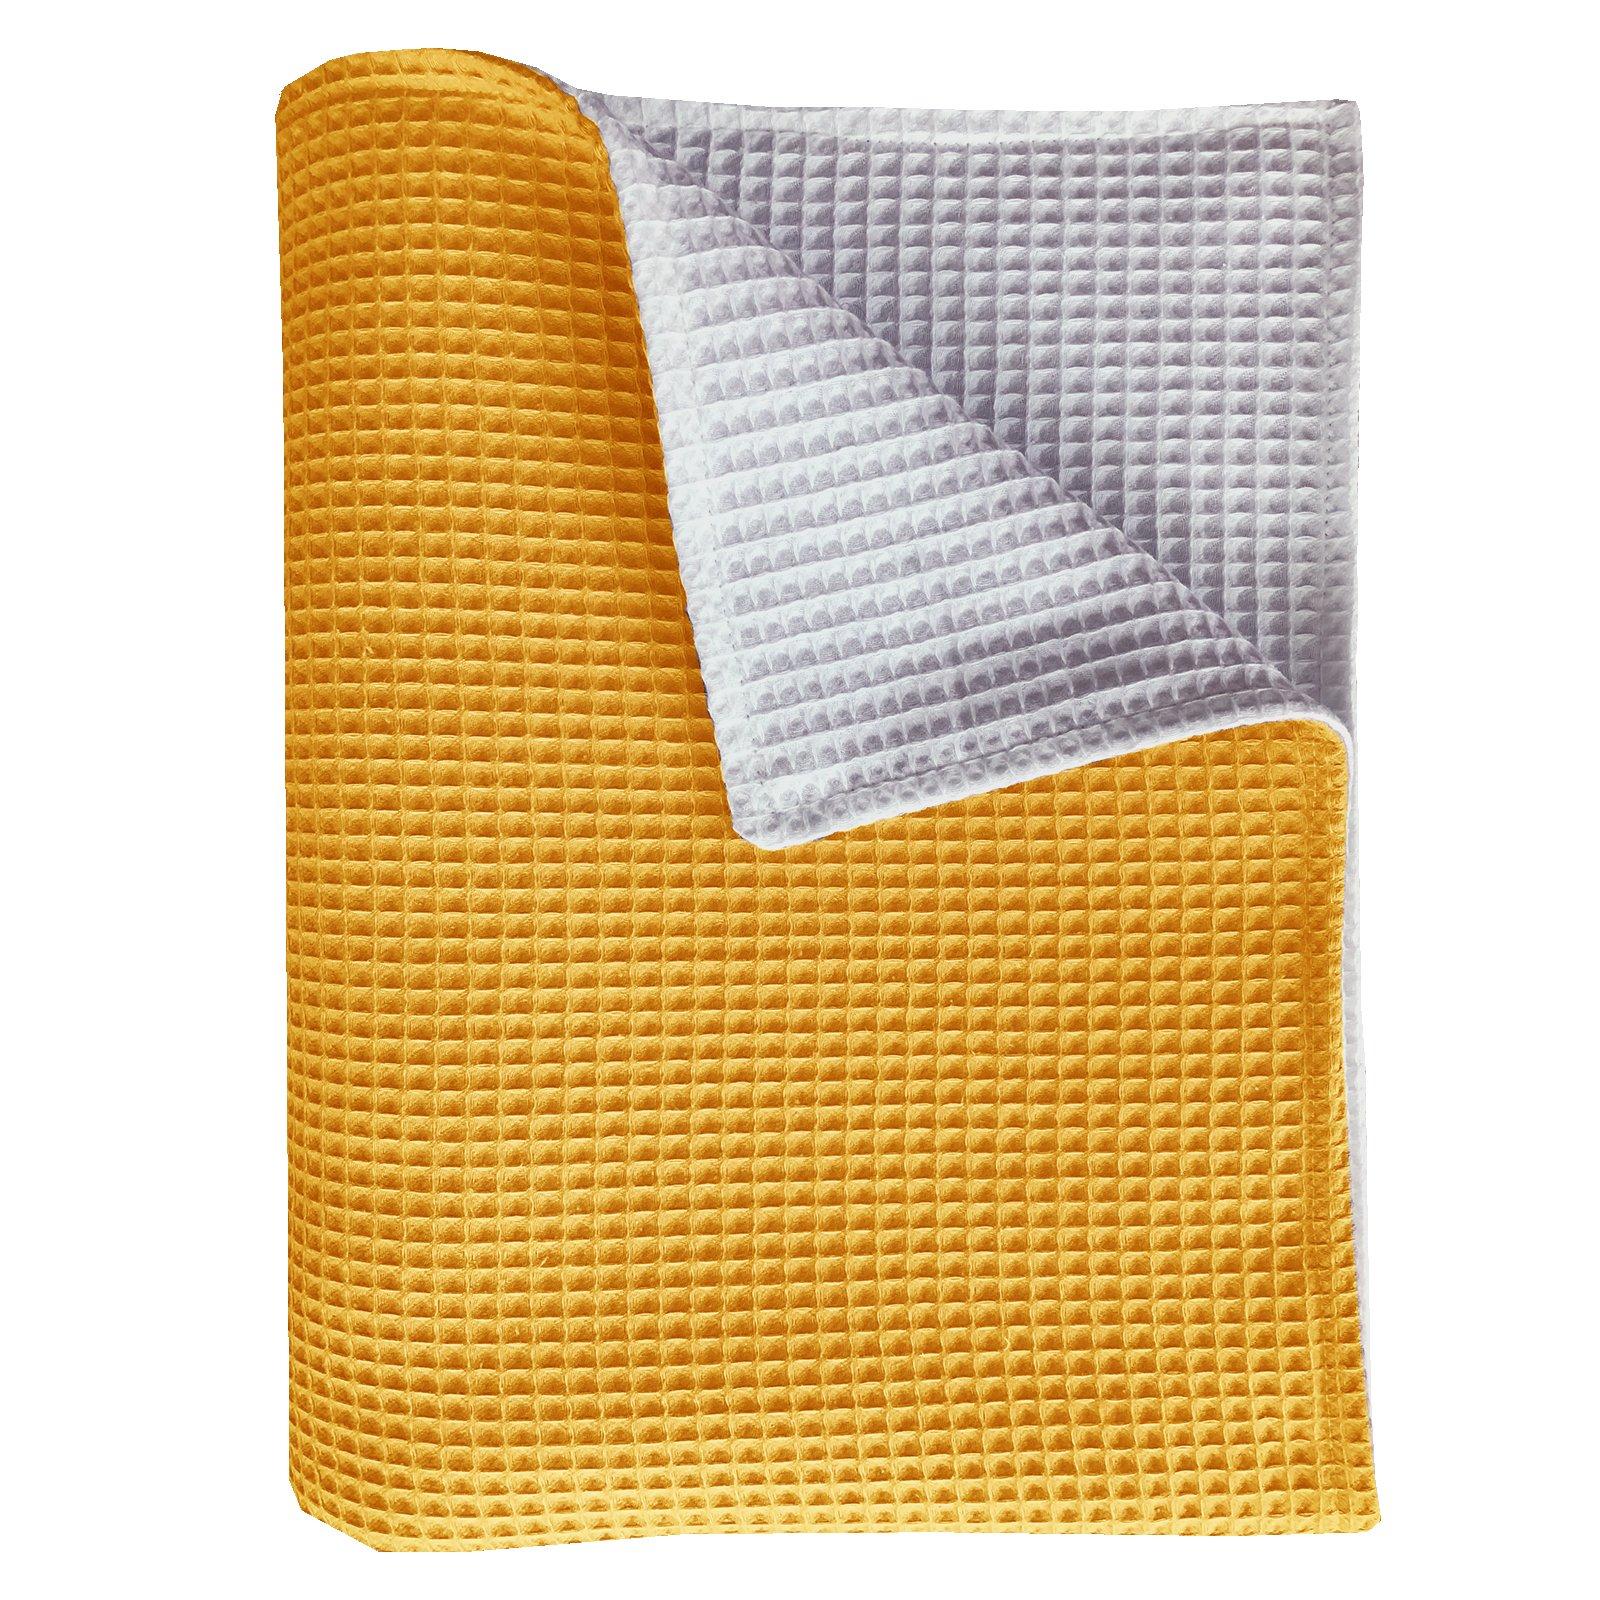 Wiegdeken Pique oker/wit 75x100. Een mooie handige deken/plaid van zacht 100% katoen wafelstof en tweezijdig te gebruiken.